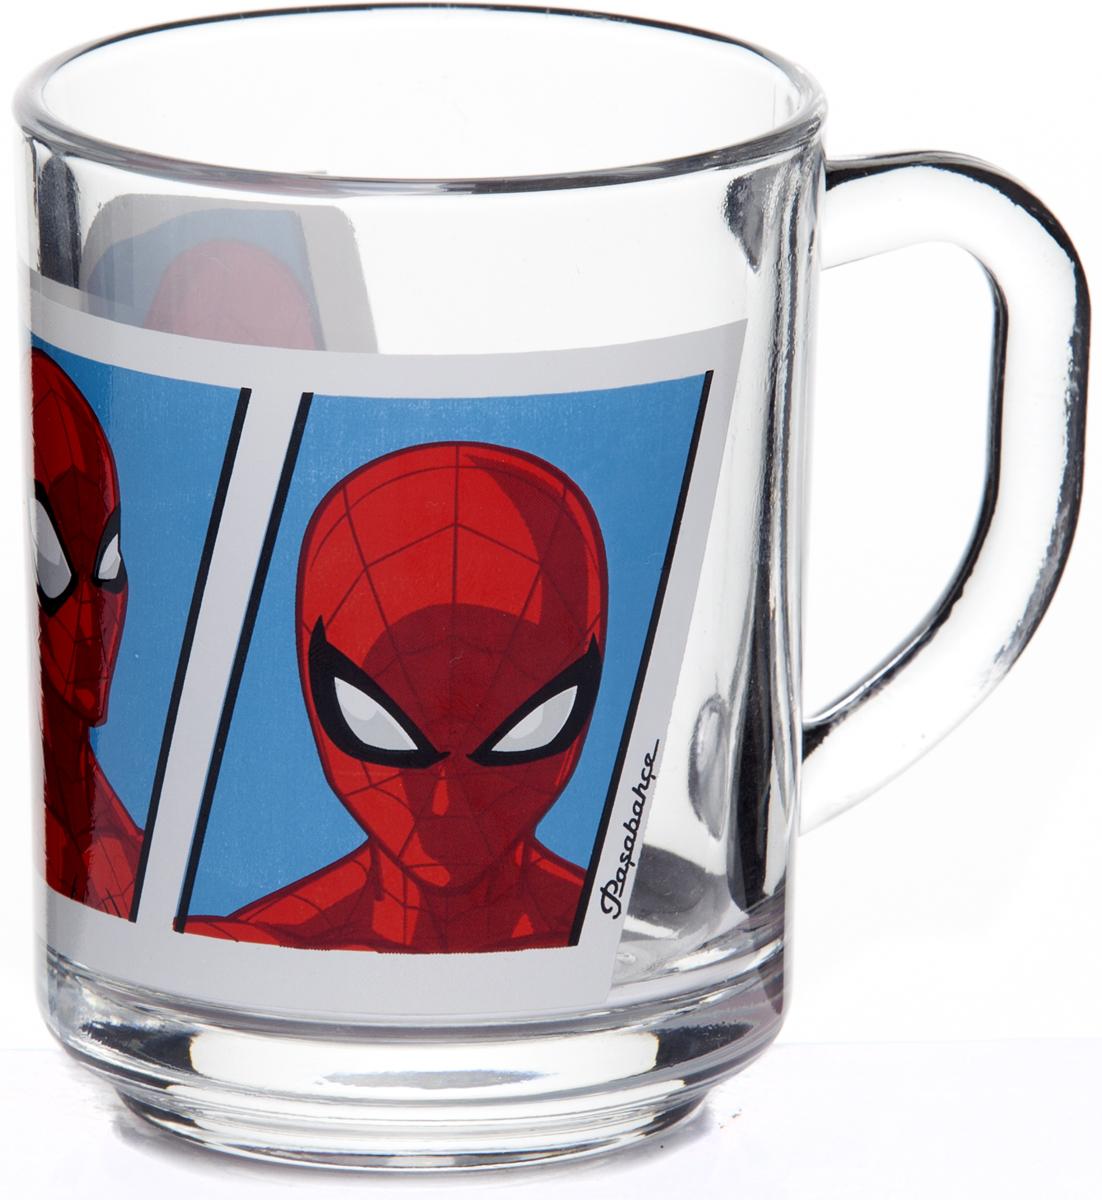 """Детская кружка Pasabahce """"Человек-Паук"""" изготовлена из прозрачного стекла и украшена красивым рисунком. Изделие идеально подходит для сервировки стола. Кружка не только украсит ваш кухонный стол, но и понравится вашему ребенку."""